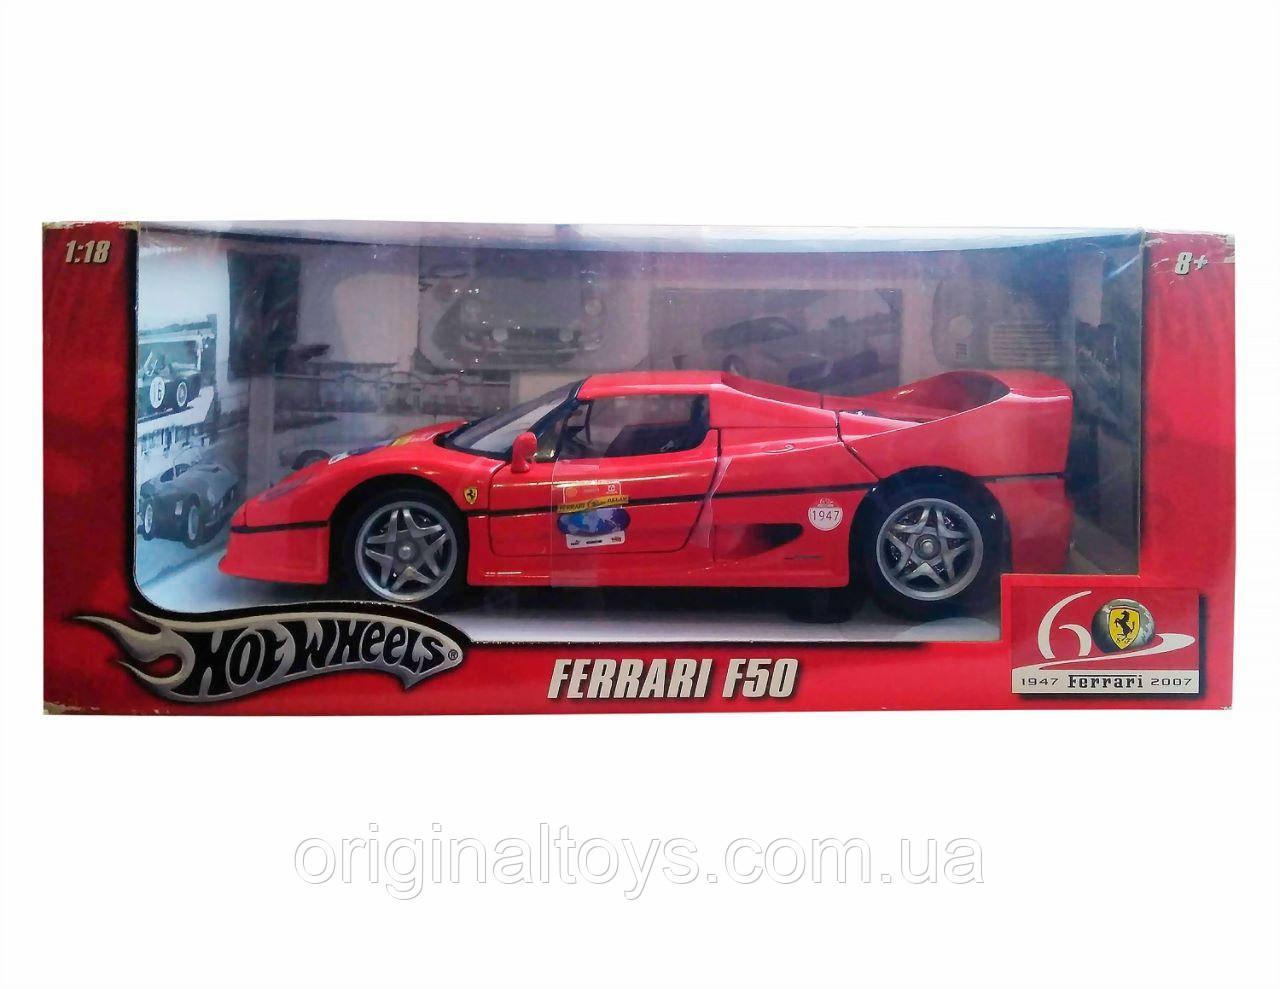 Коллекционная модель Hot Wheels 1:18 Ferrari F50